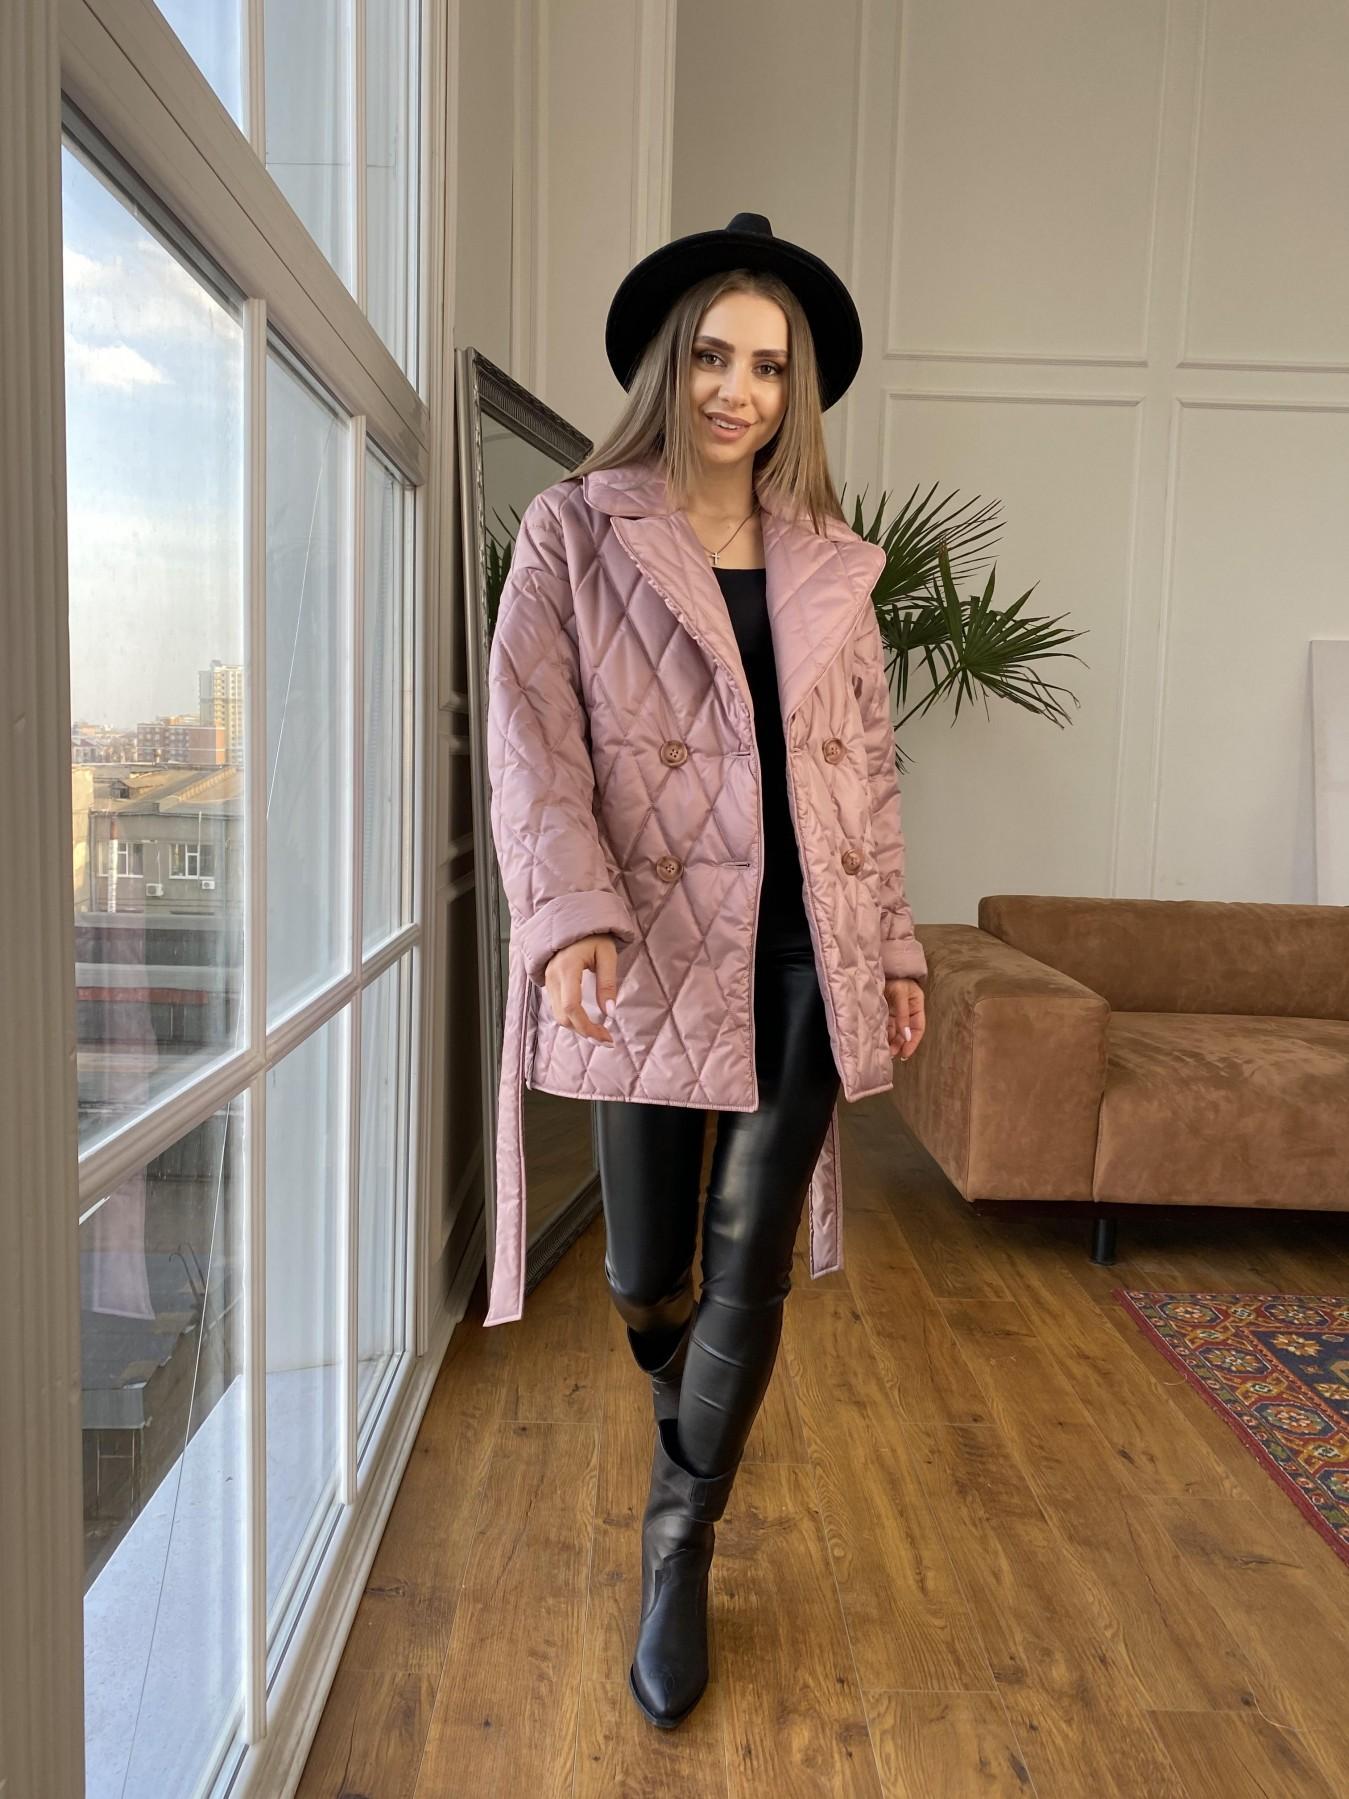 Норд куртка из плащевой ткани стеганая 10883 АРТ. 47465 Цвет: Пудра - фото 6, интернет магазин tm-modus.ru